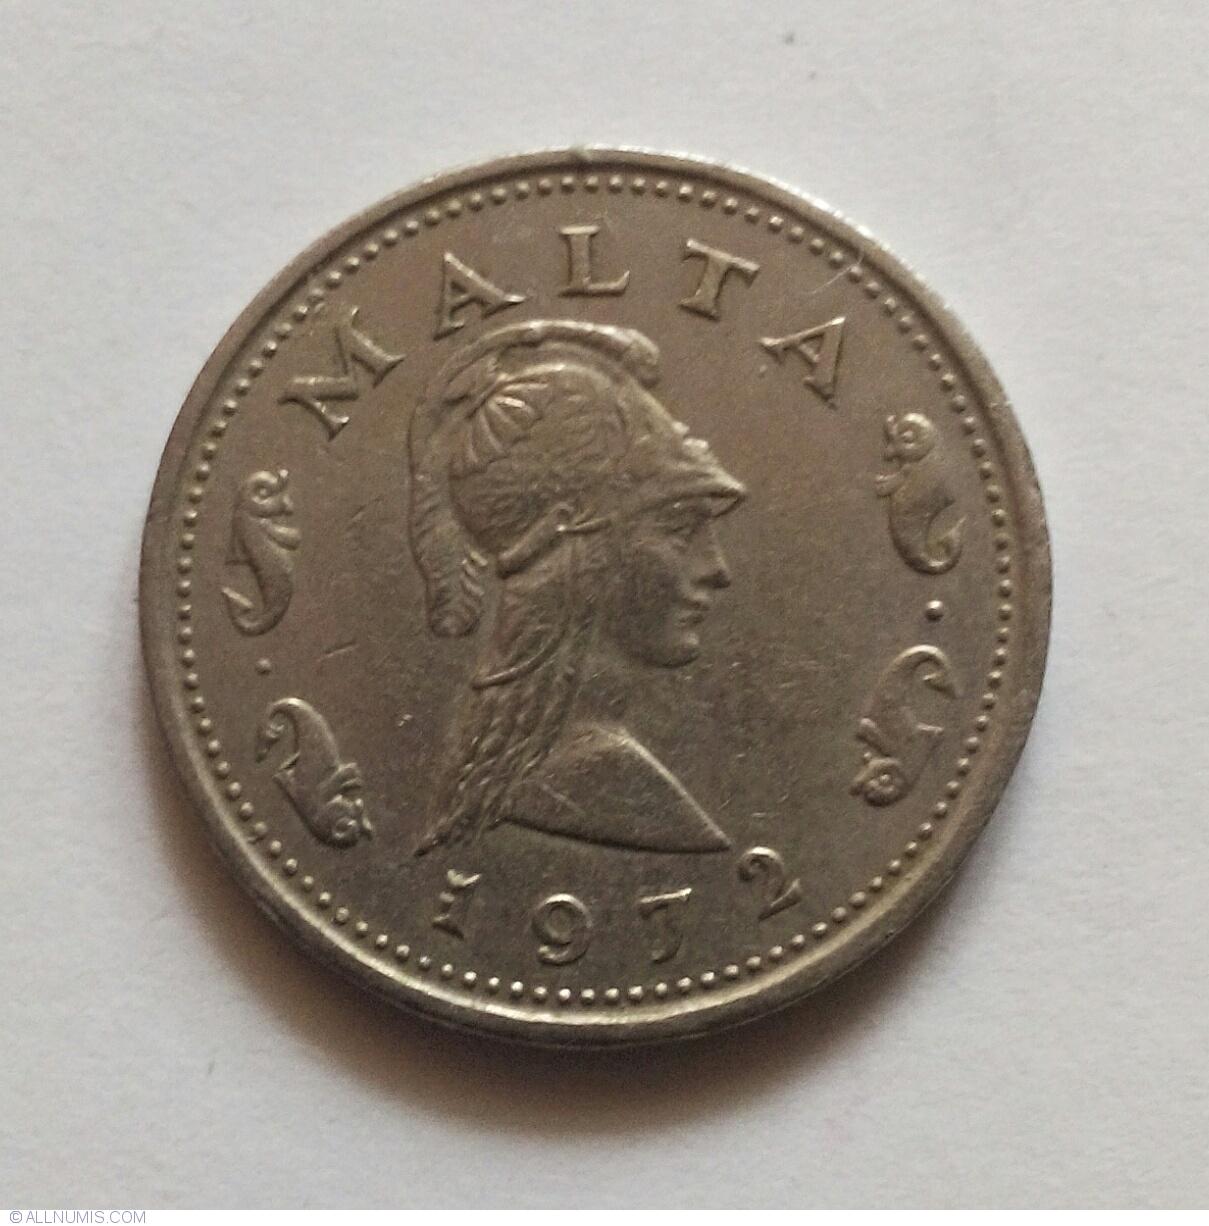 1972 Malta 2 Cents Penthesilea